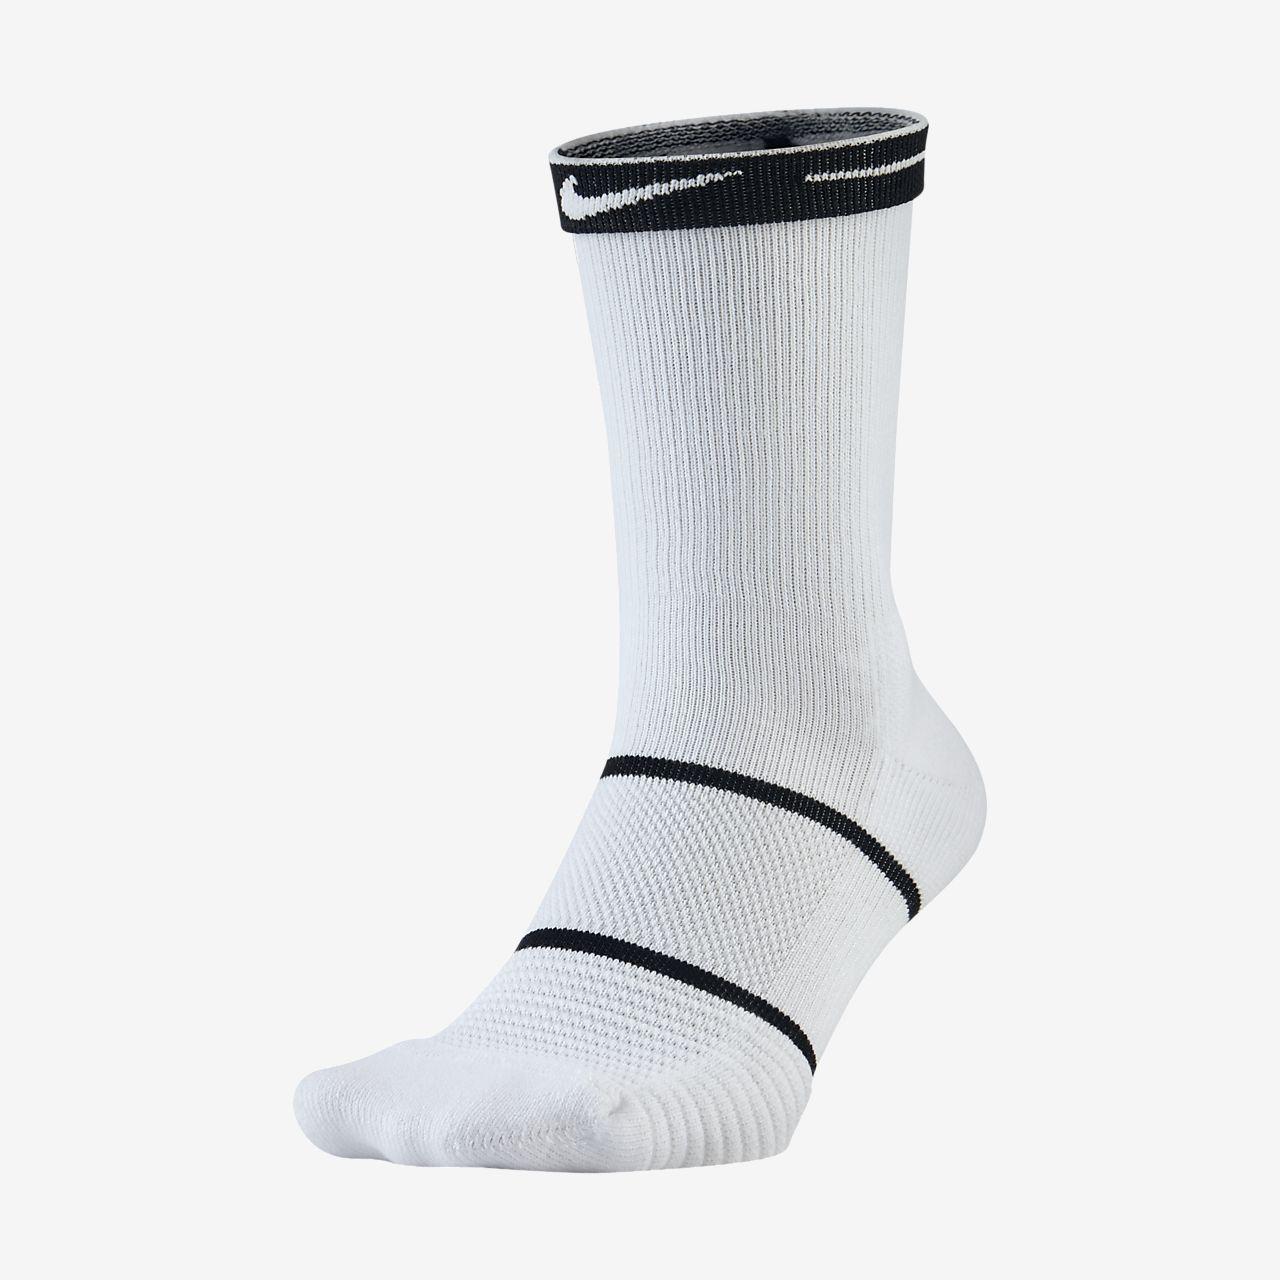 Κάλτσες τένις NikeCourt Essentials Crew